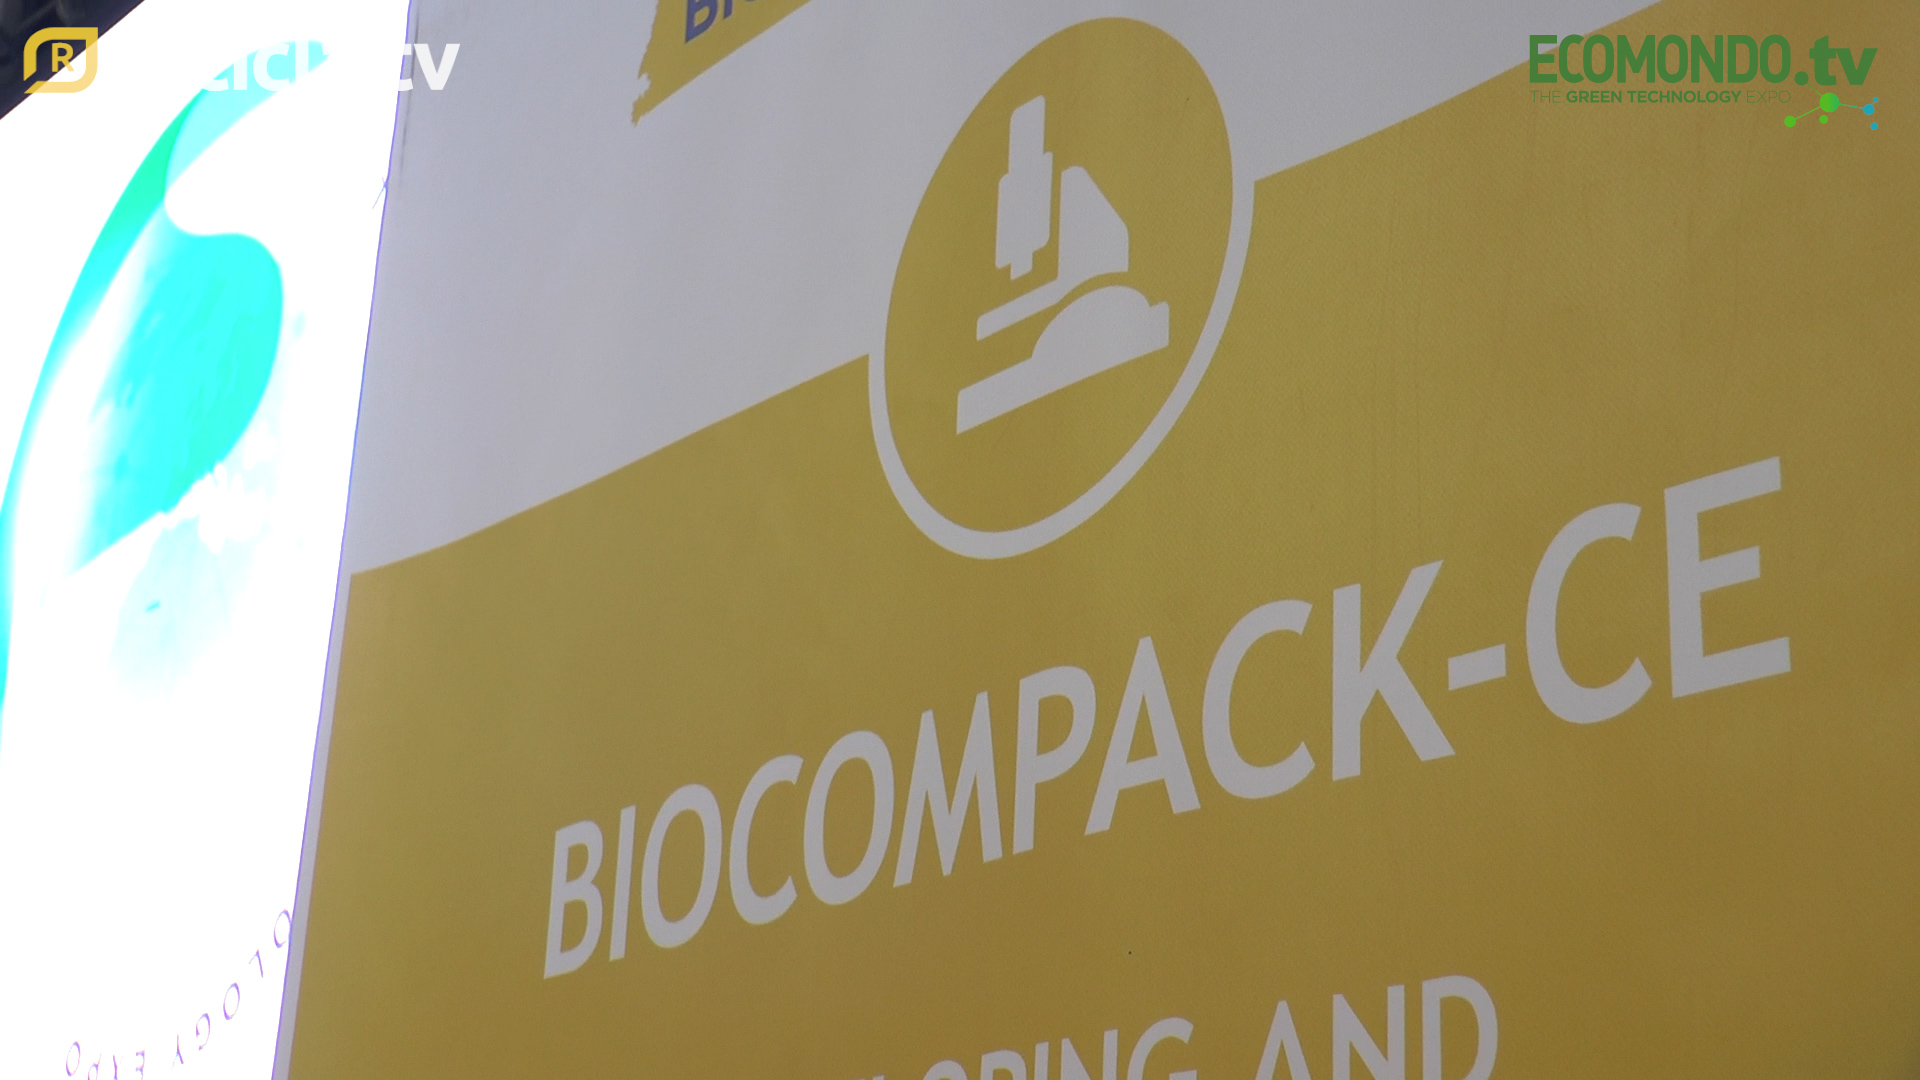 ECOMONDO 2019 - BIOCOMPACK, CARTA E BIOPLASTICA PER GLI IMBALLAGGI DEL FUTURO